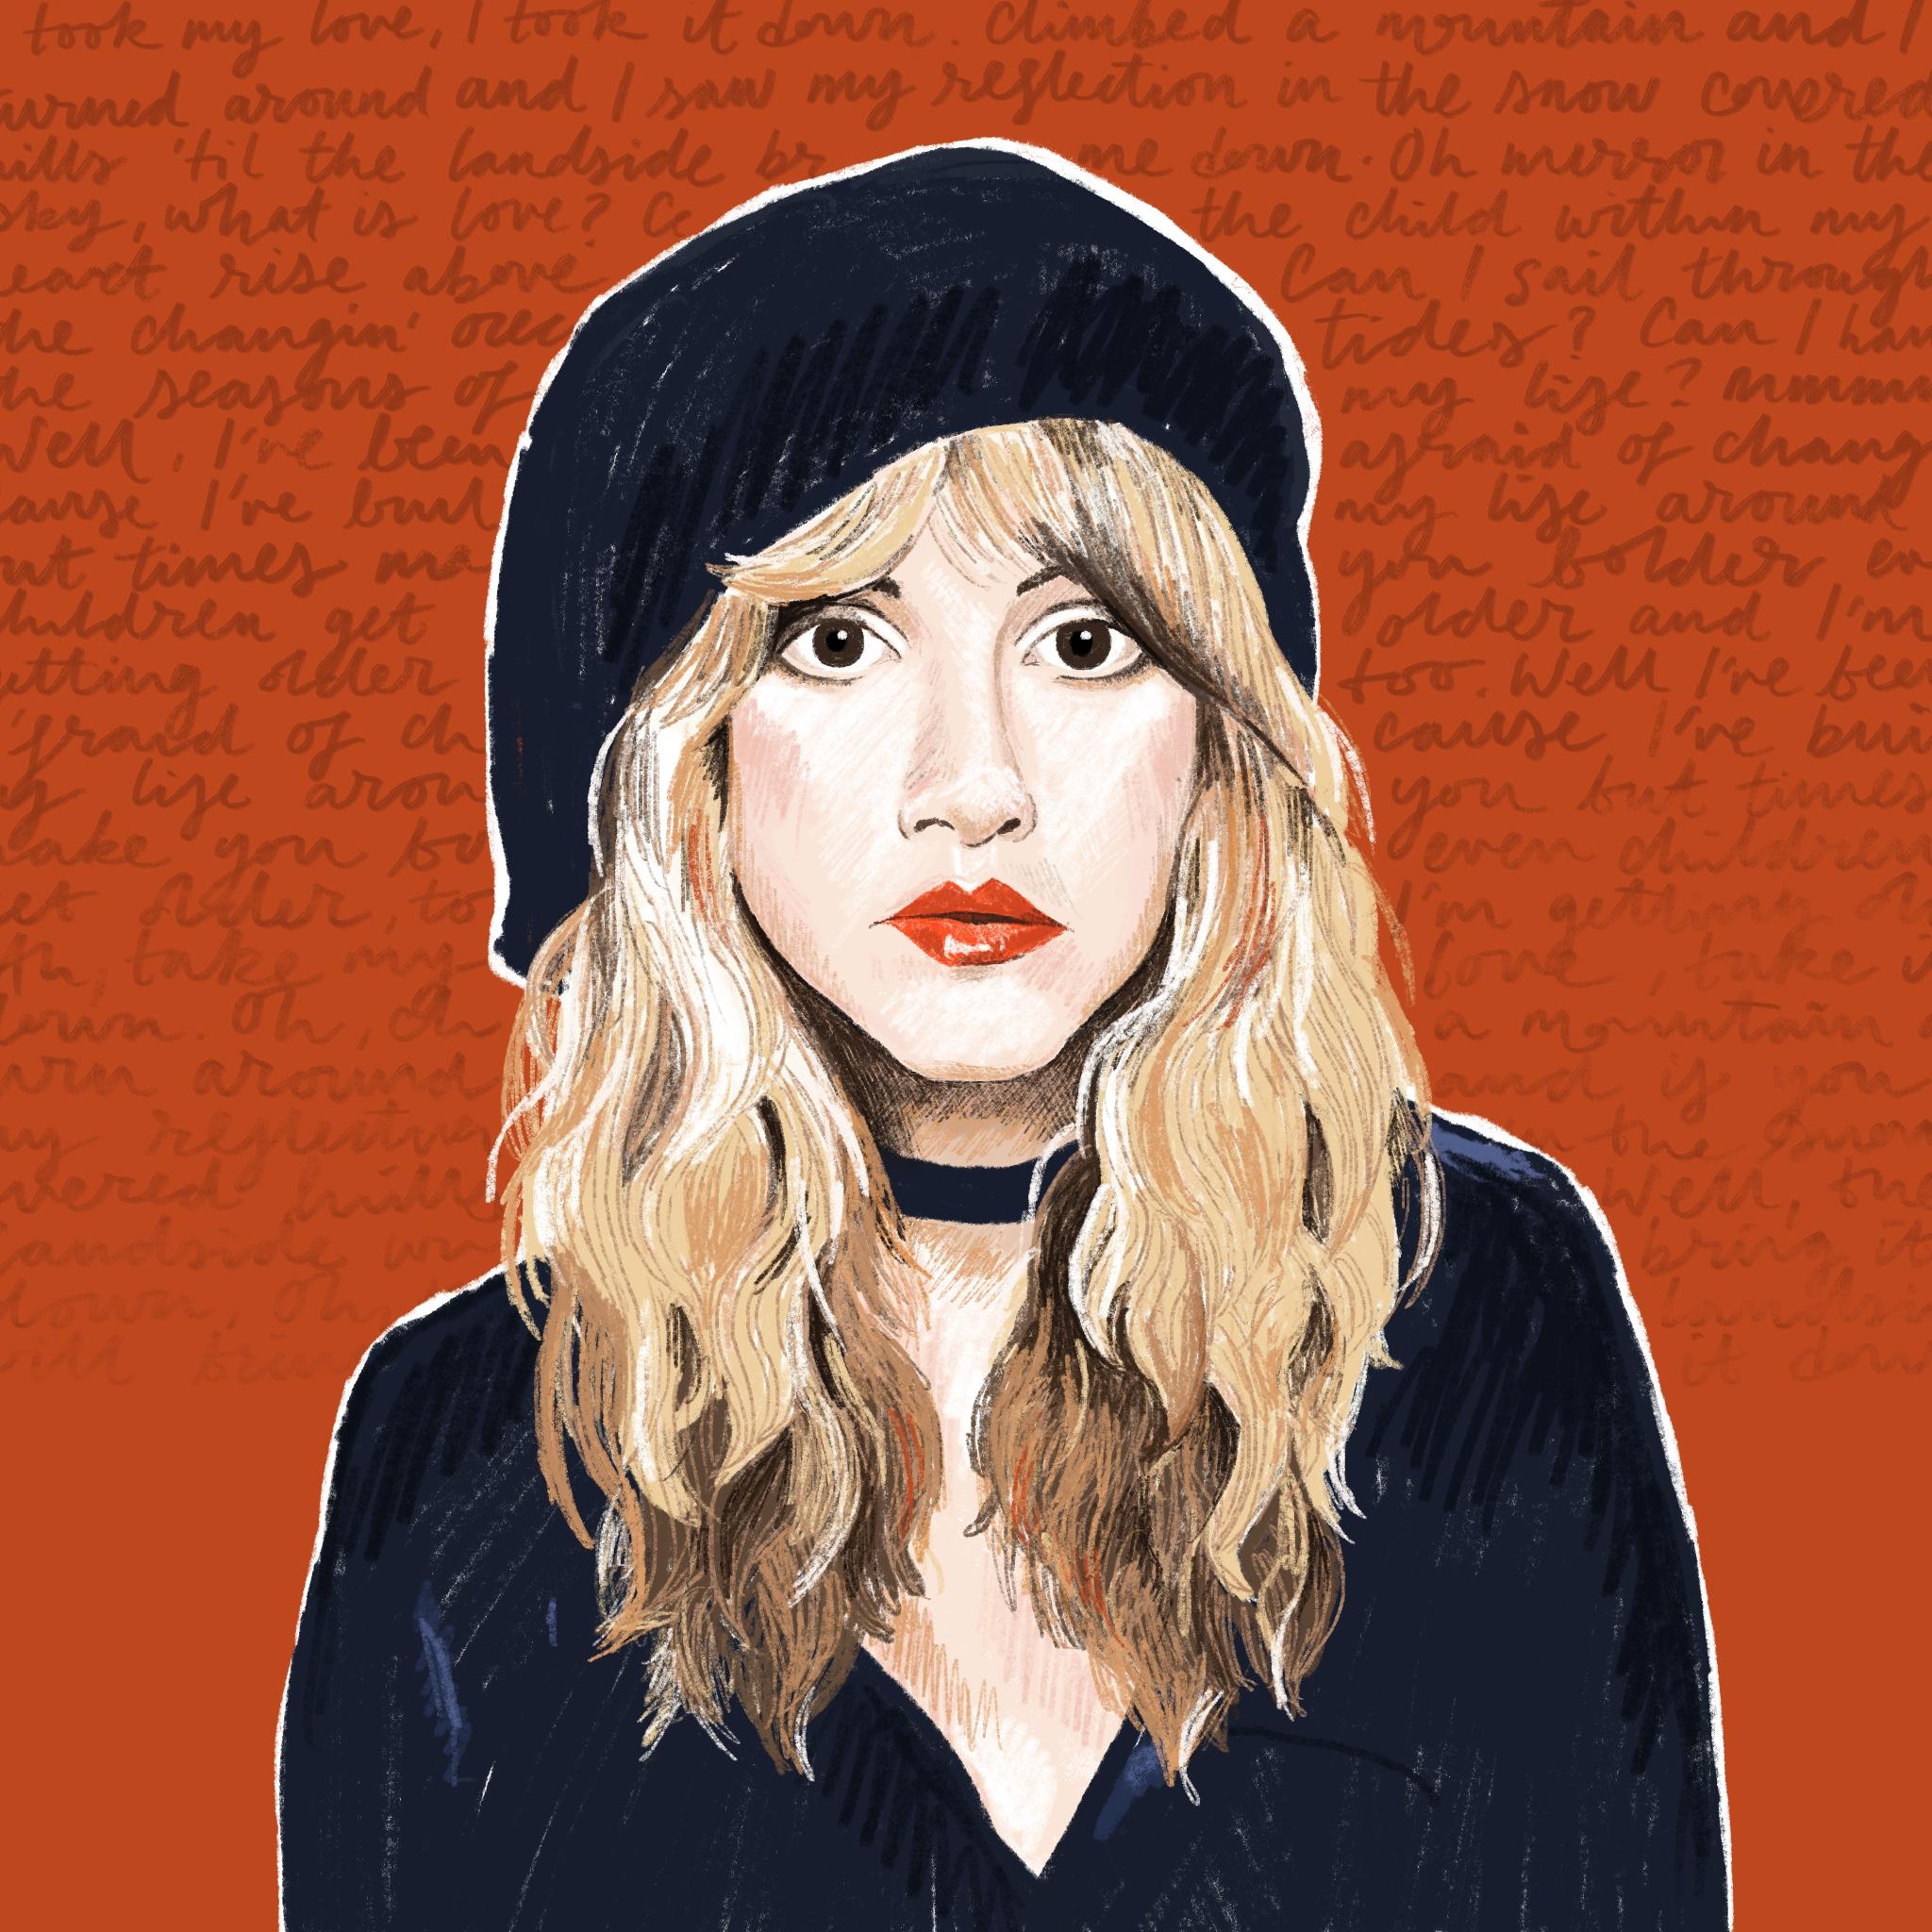 Portrait Challenge - Stevie Nicks